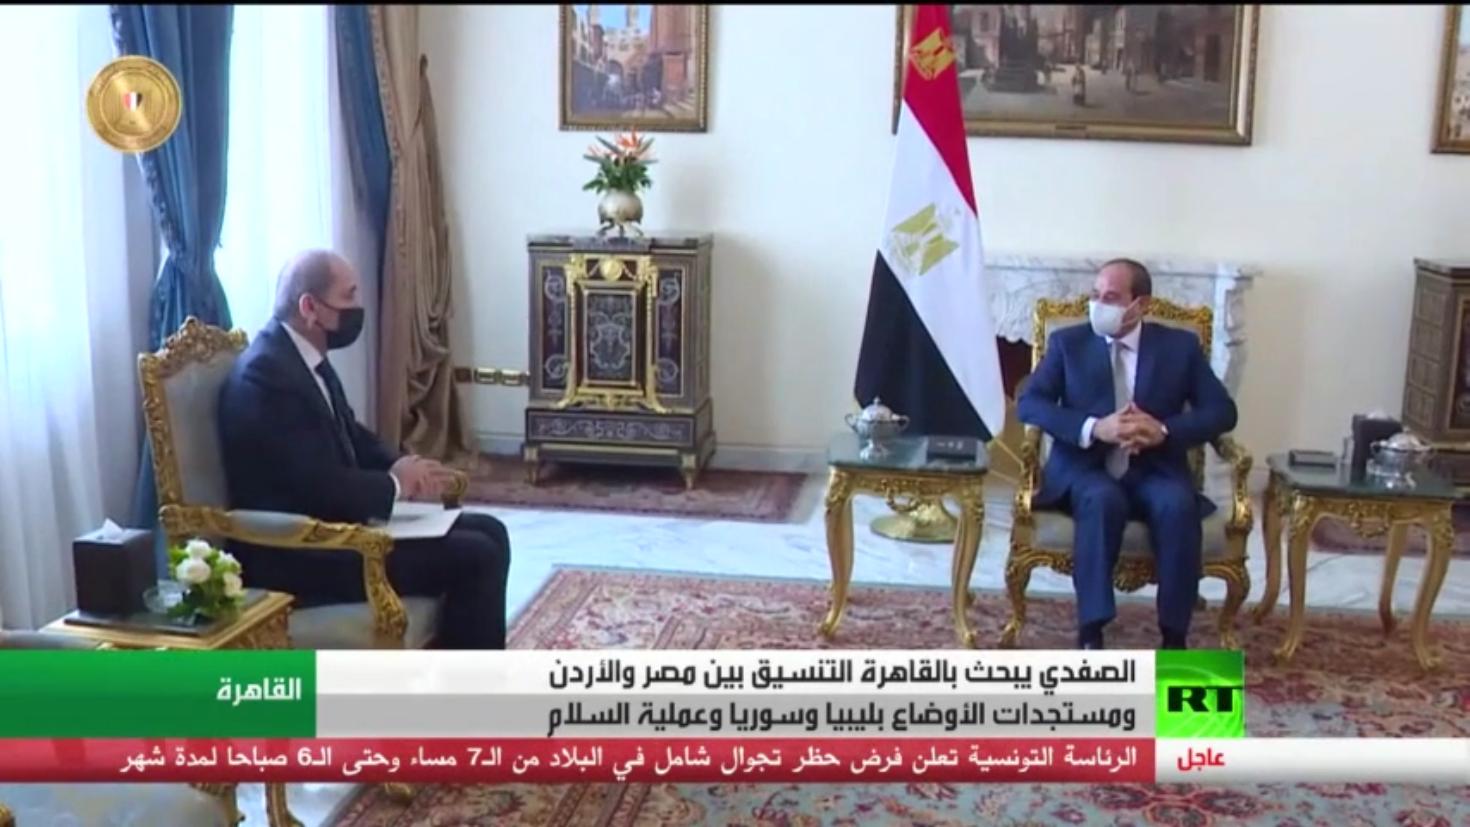 الصفدي يبحث بالقاهرة التنسيق الأردني المصري